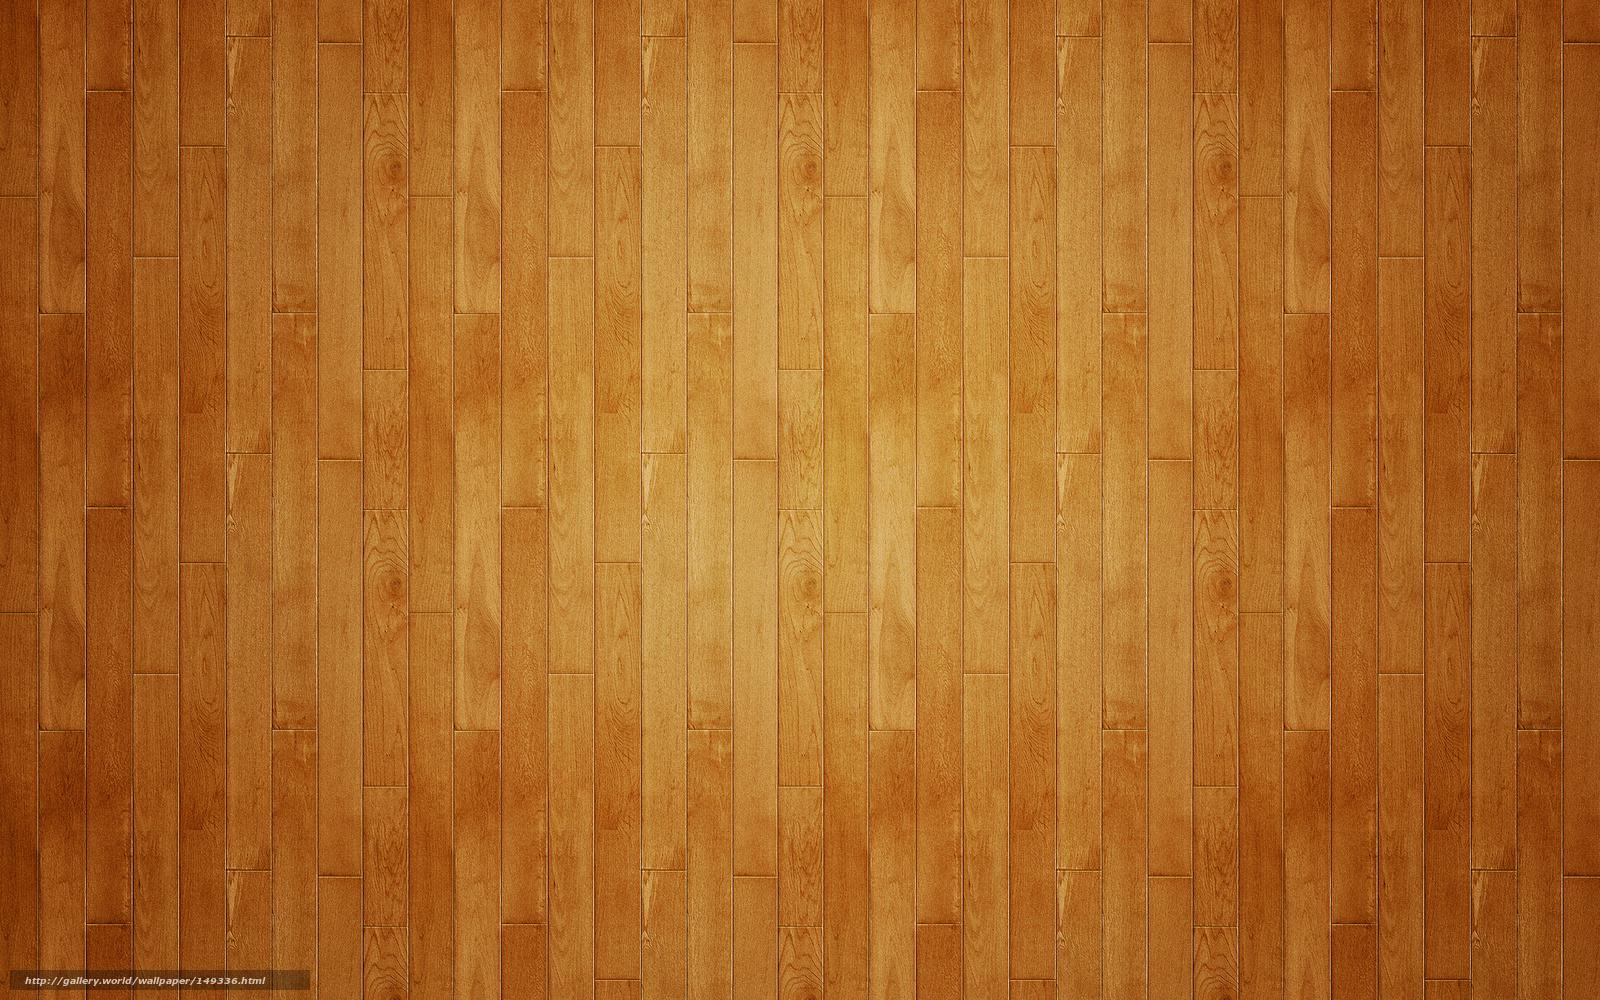 Pulidos y plastificados de pisos de madera parquet caroldoey - Colocacion de parquet de madera ...